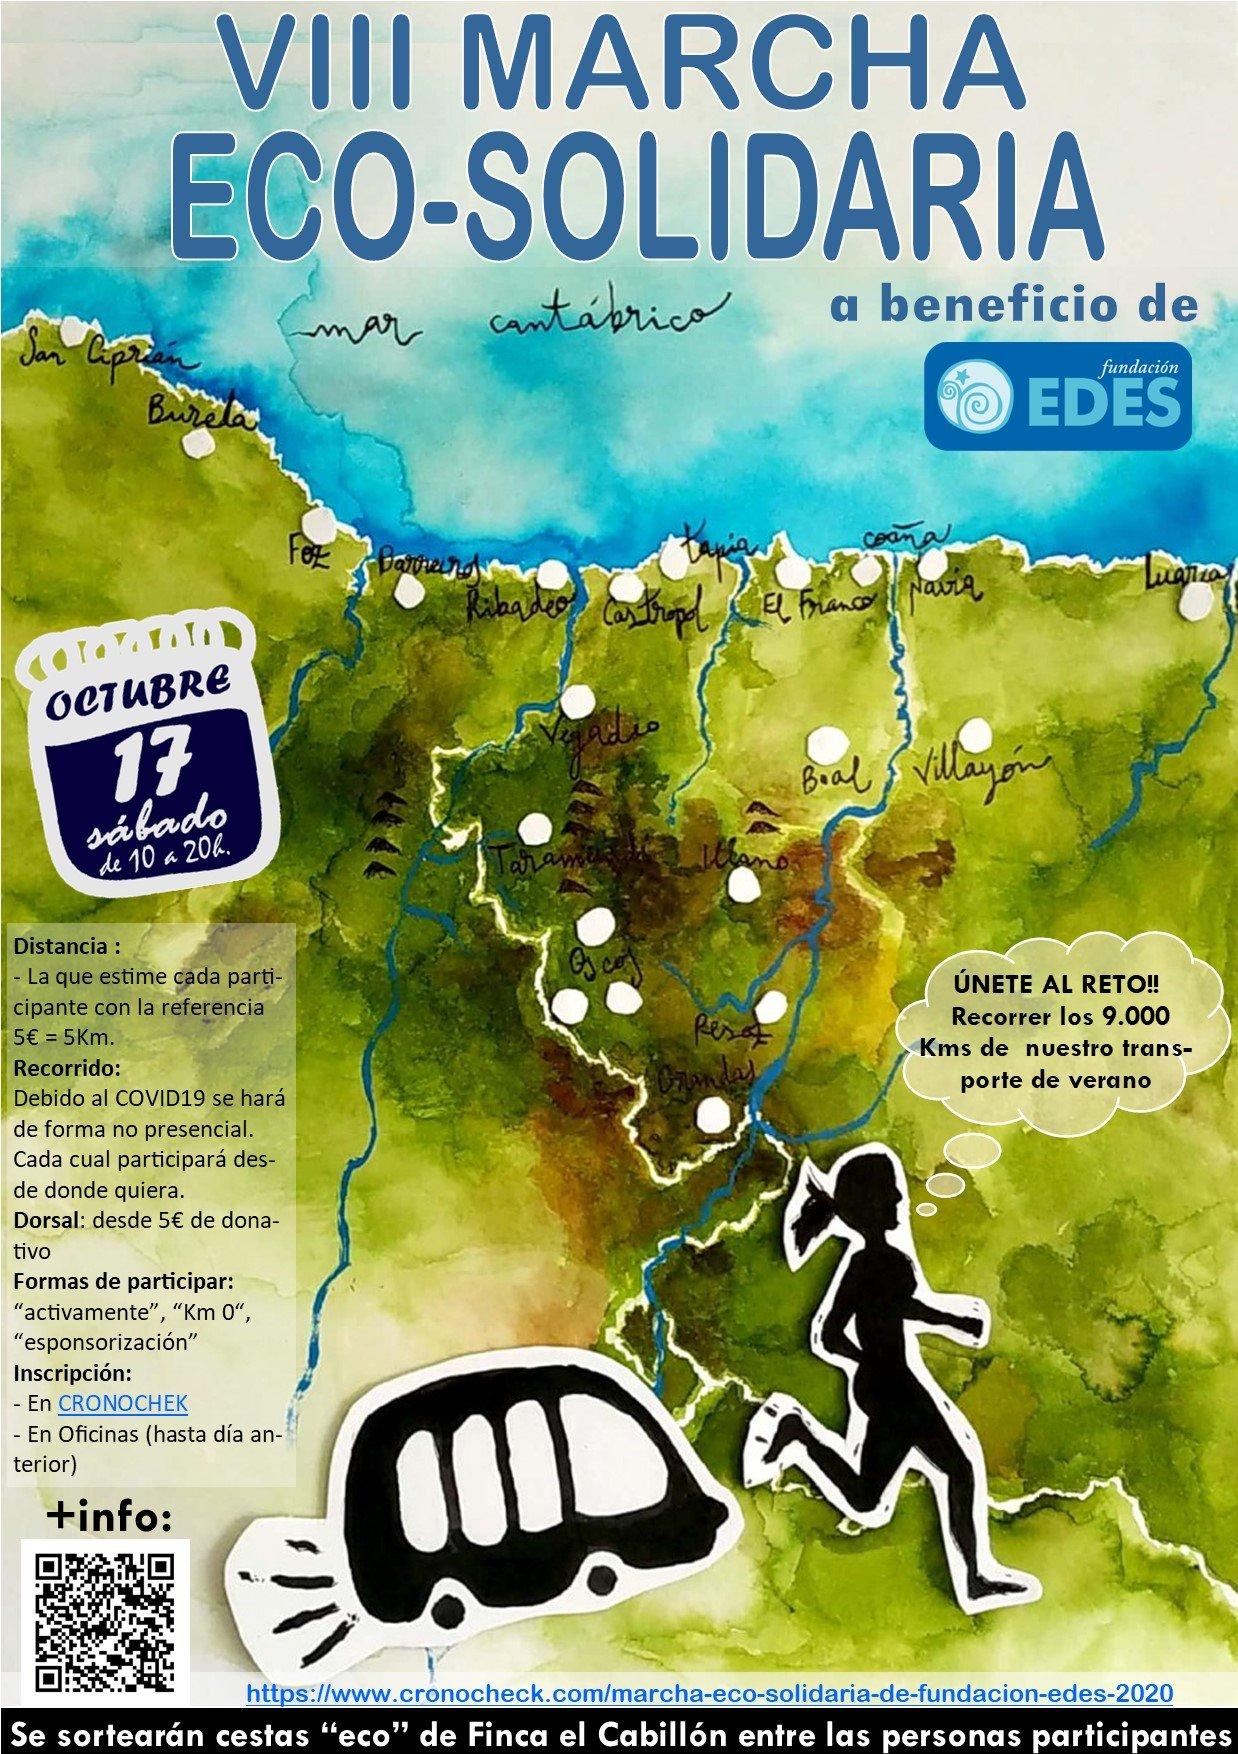 Este sábado 17 de octubre tendrá lugar la VIII Marcha Eco Solidaria Fundación EDES